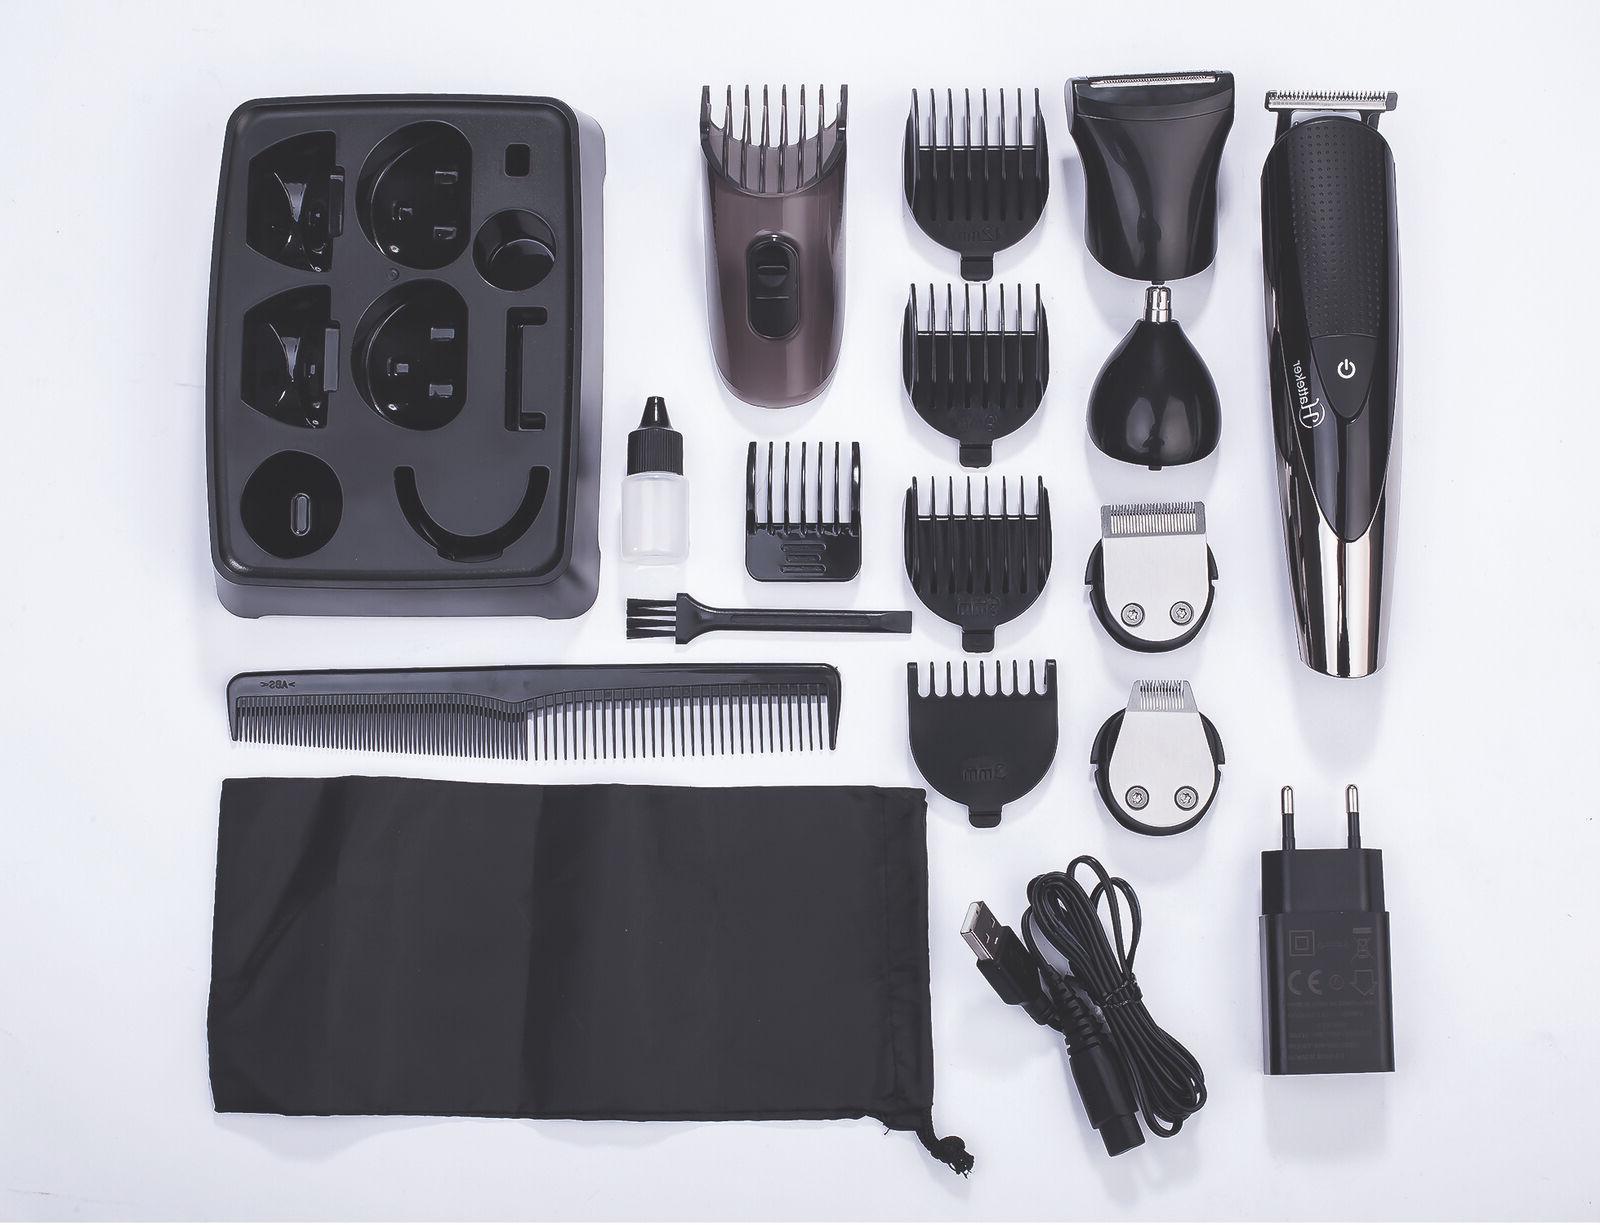 Hatteker 5IN1 Men Trimmer Mustache Trimmer Nose Ear Kit